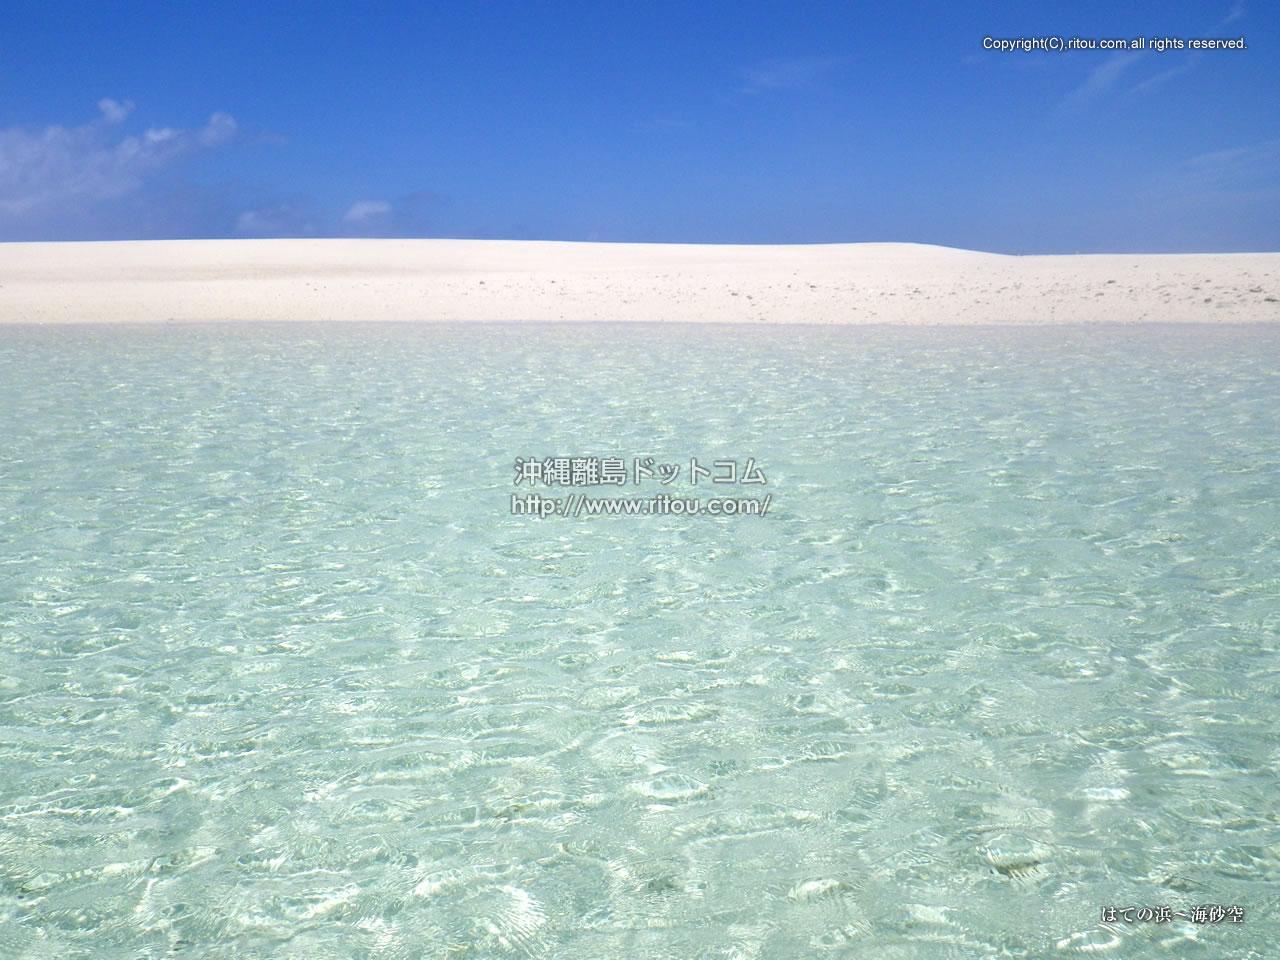 はての浜〜海砂空